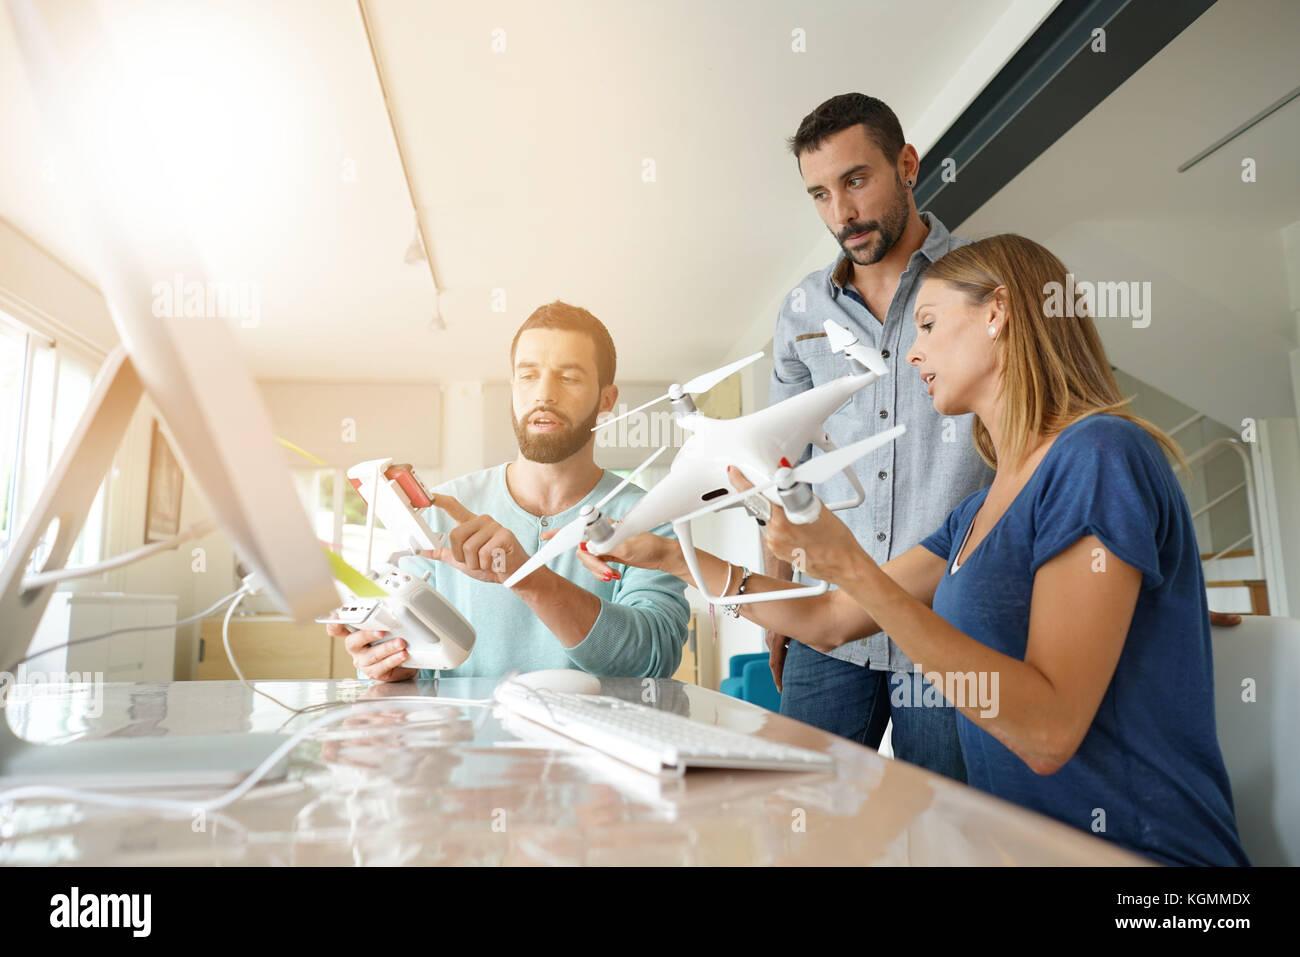 L'avvio di persone in ufficio a lavorare sulla tecnologia drone Foto Stock